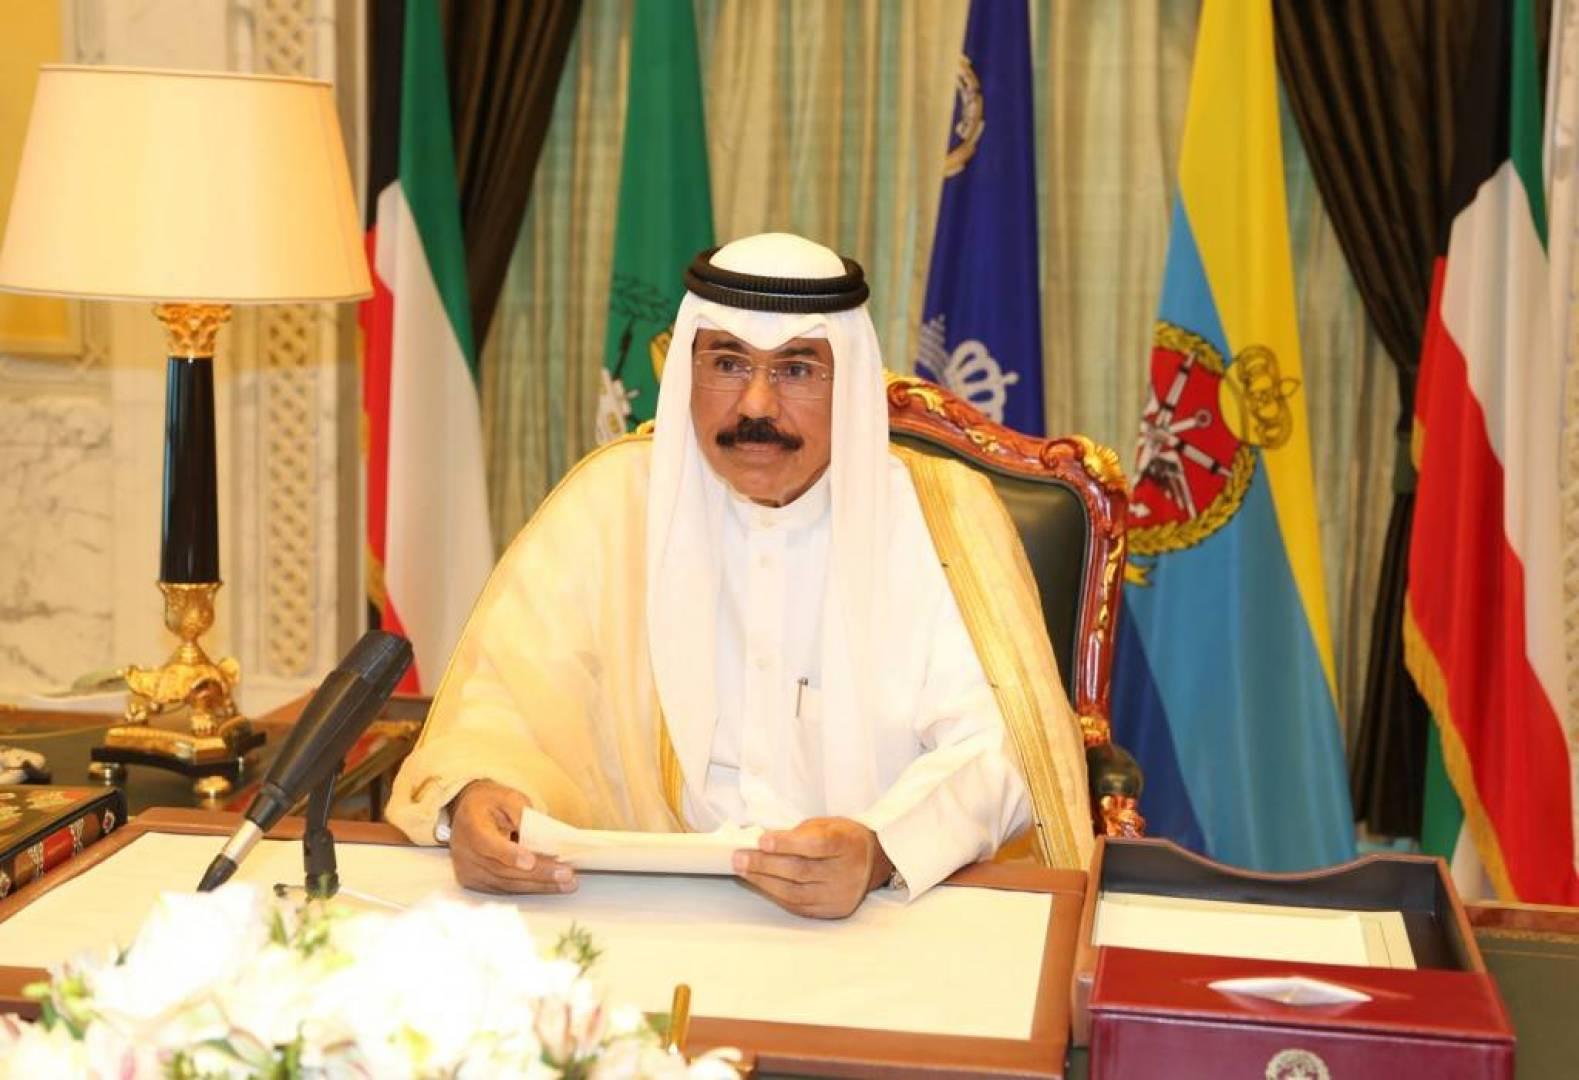 مجلس الوزراء ينادي سمو ولي العهد أميراً لدولة الكويت